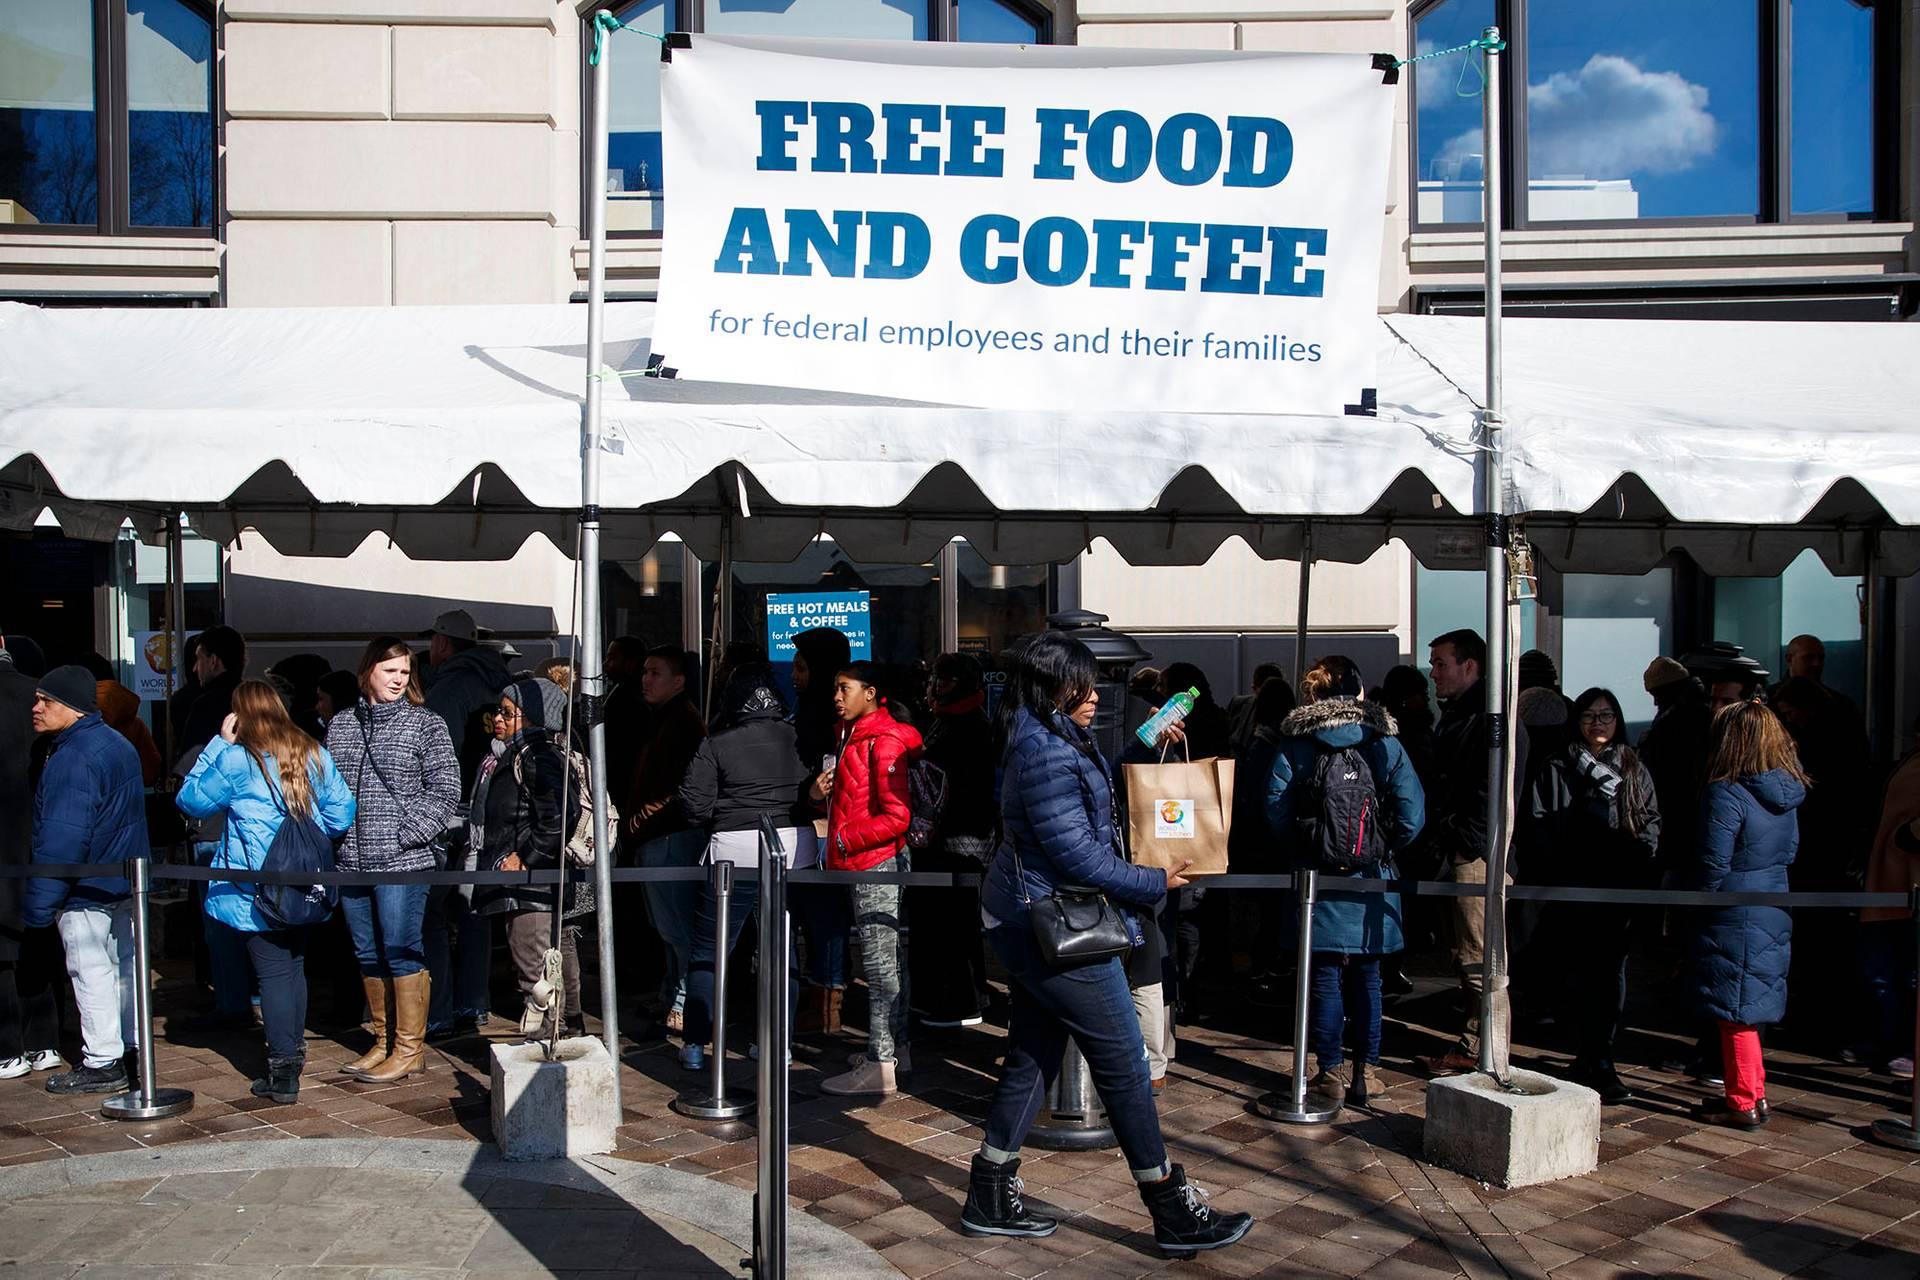 Сотні тисяч федеральних працівників стали заручниками політичної боротьби у Конгресі (на фото — харчова мережа World Central Kitchen у Вашингтоні виступила з ініціативою безкоштовної кави та їжі для американських бюджетників, які майже місяць не отримували заробітну плату, Вашингтон, США, 25 січня 2019 року)